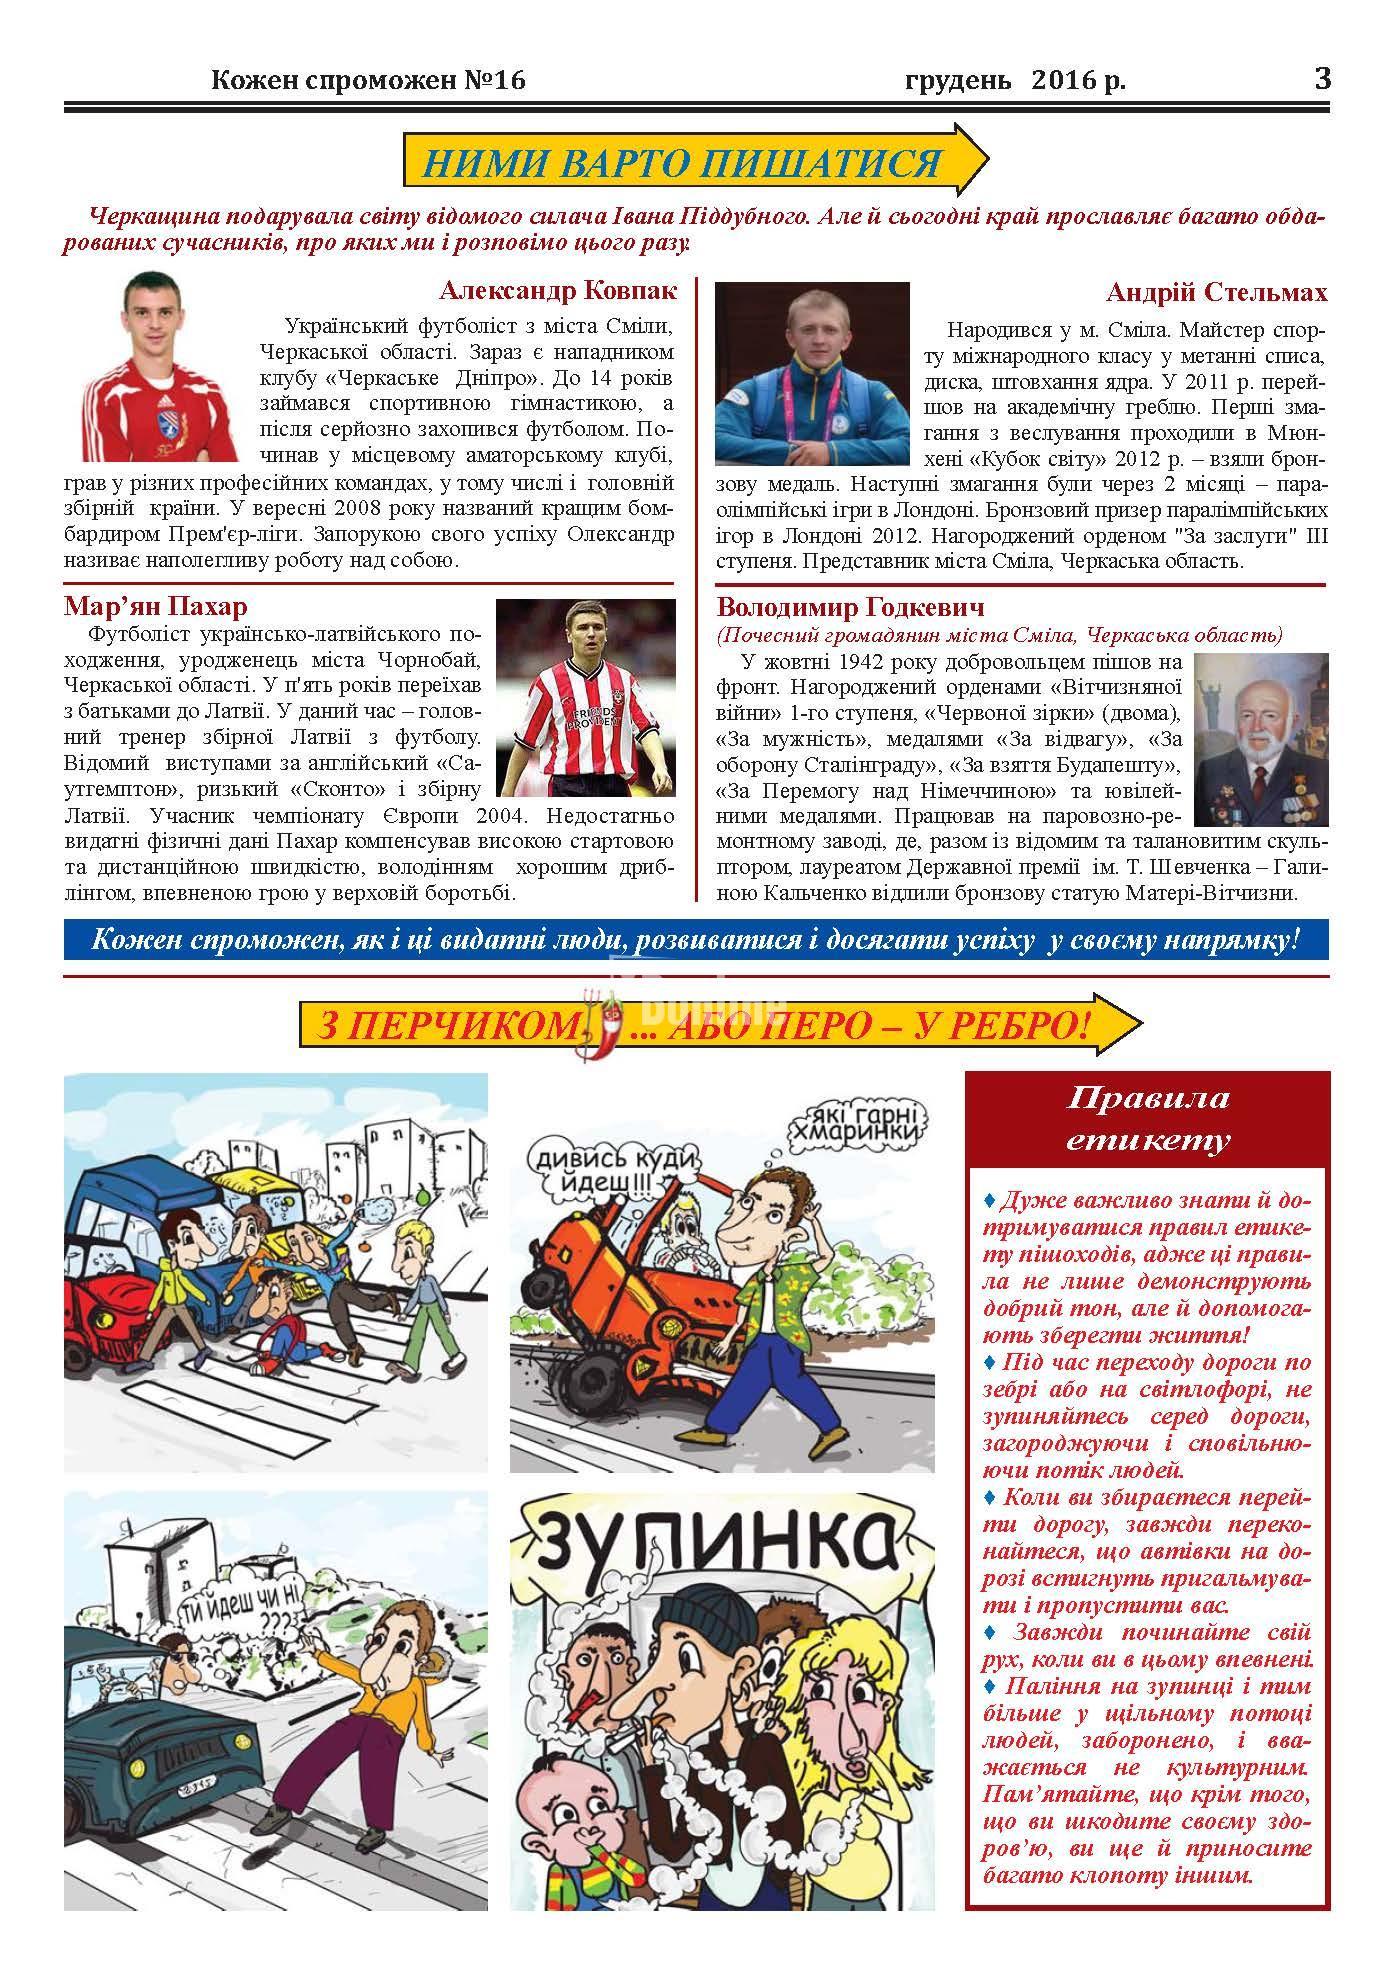 Випуск  газети «Кожен Спроможен» №16